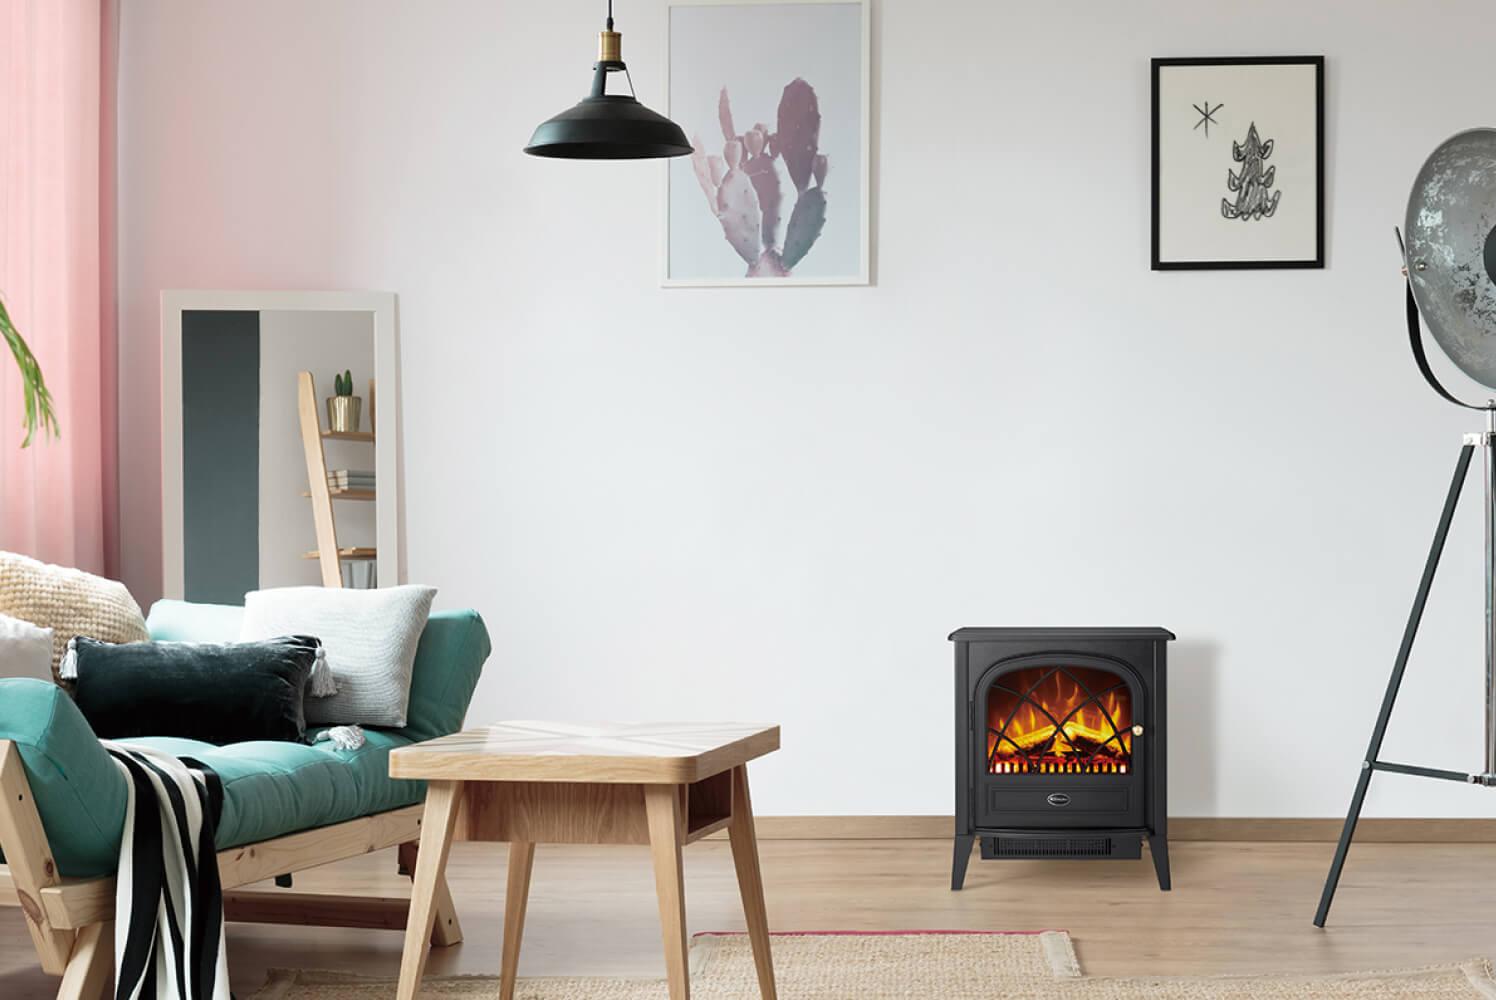 オプティフレーム シリーズ|電気暖炉[ELECTRIC FIRE]|Dimplex【ディンプレックス】公式サイト